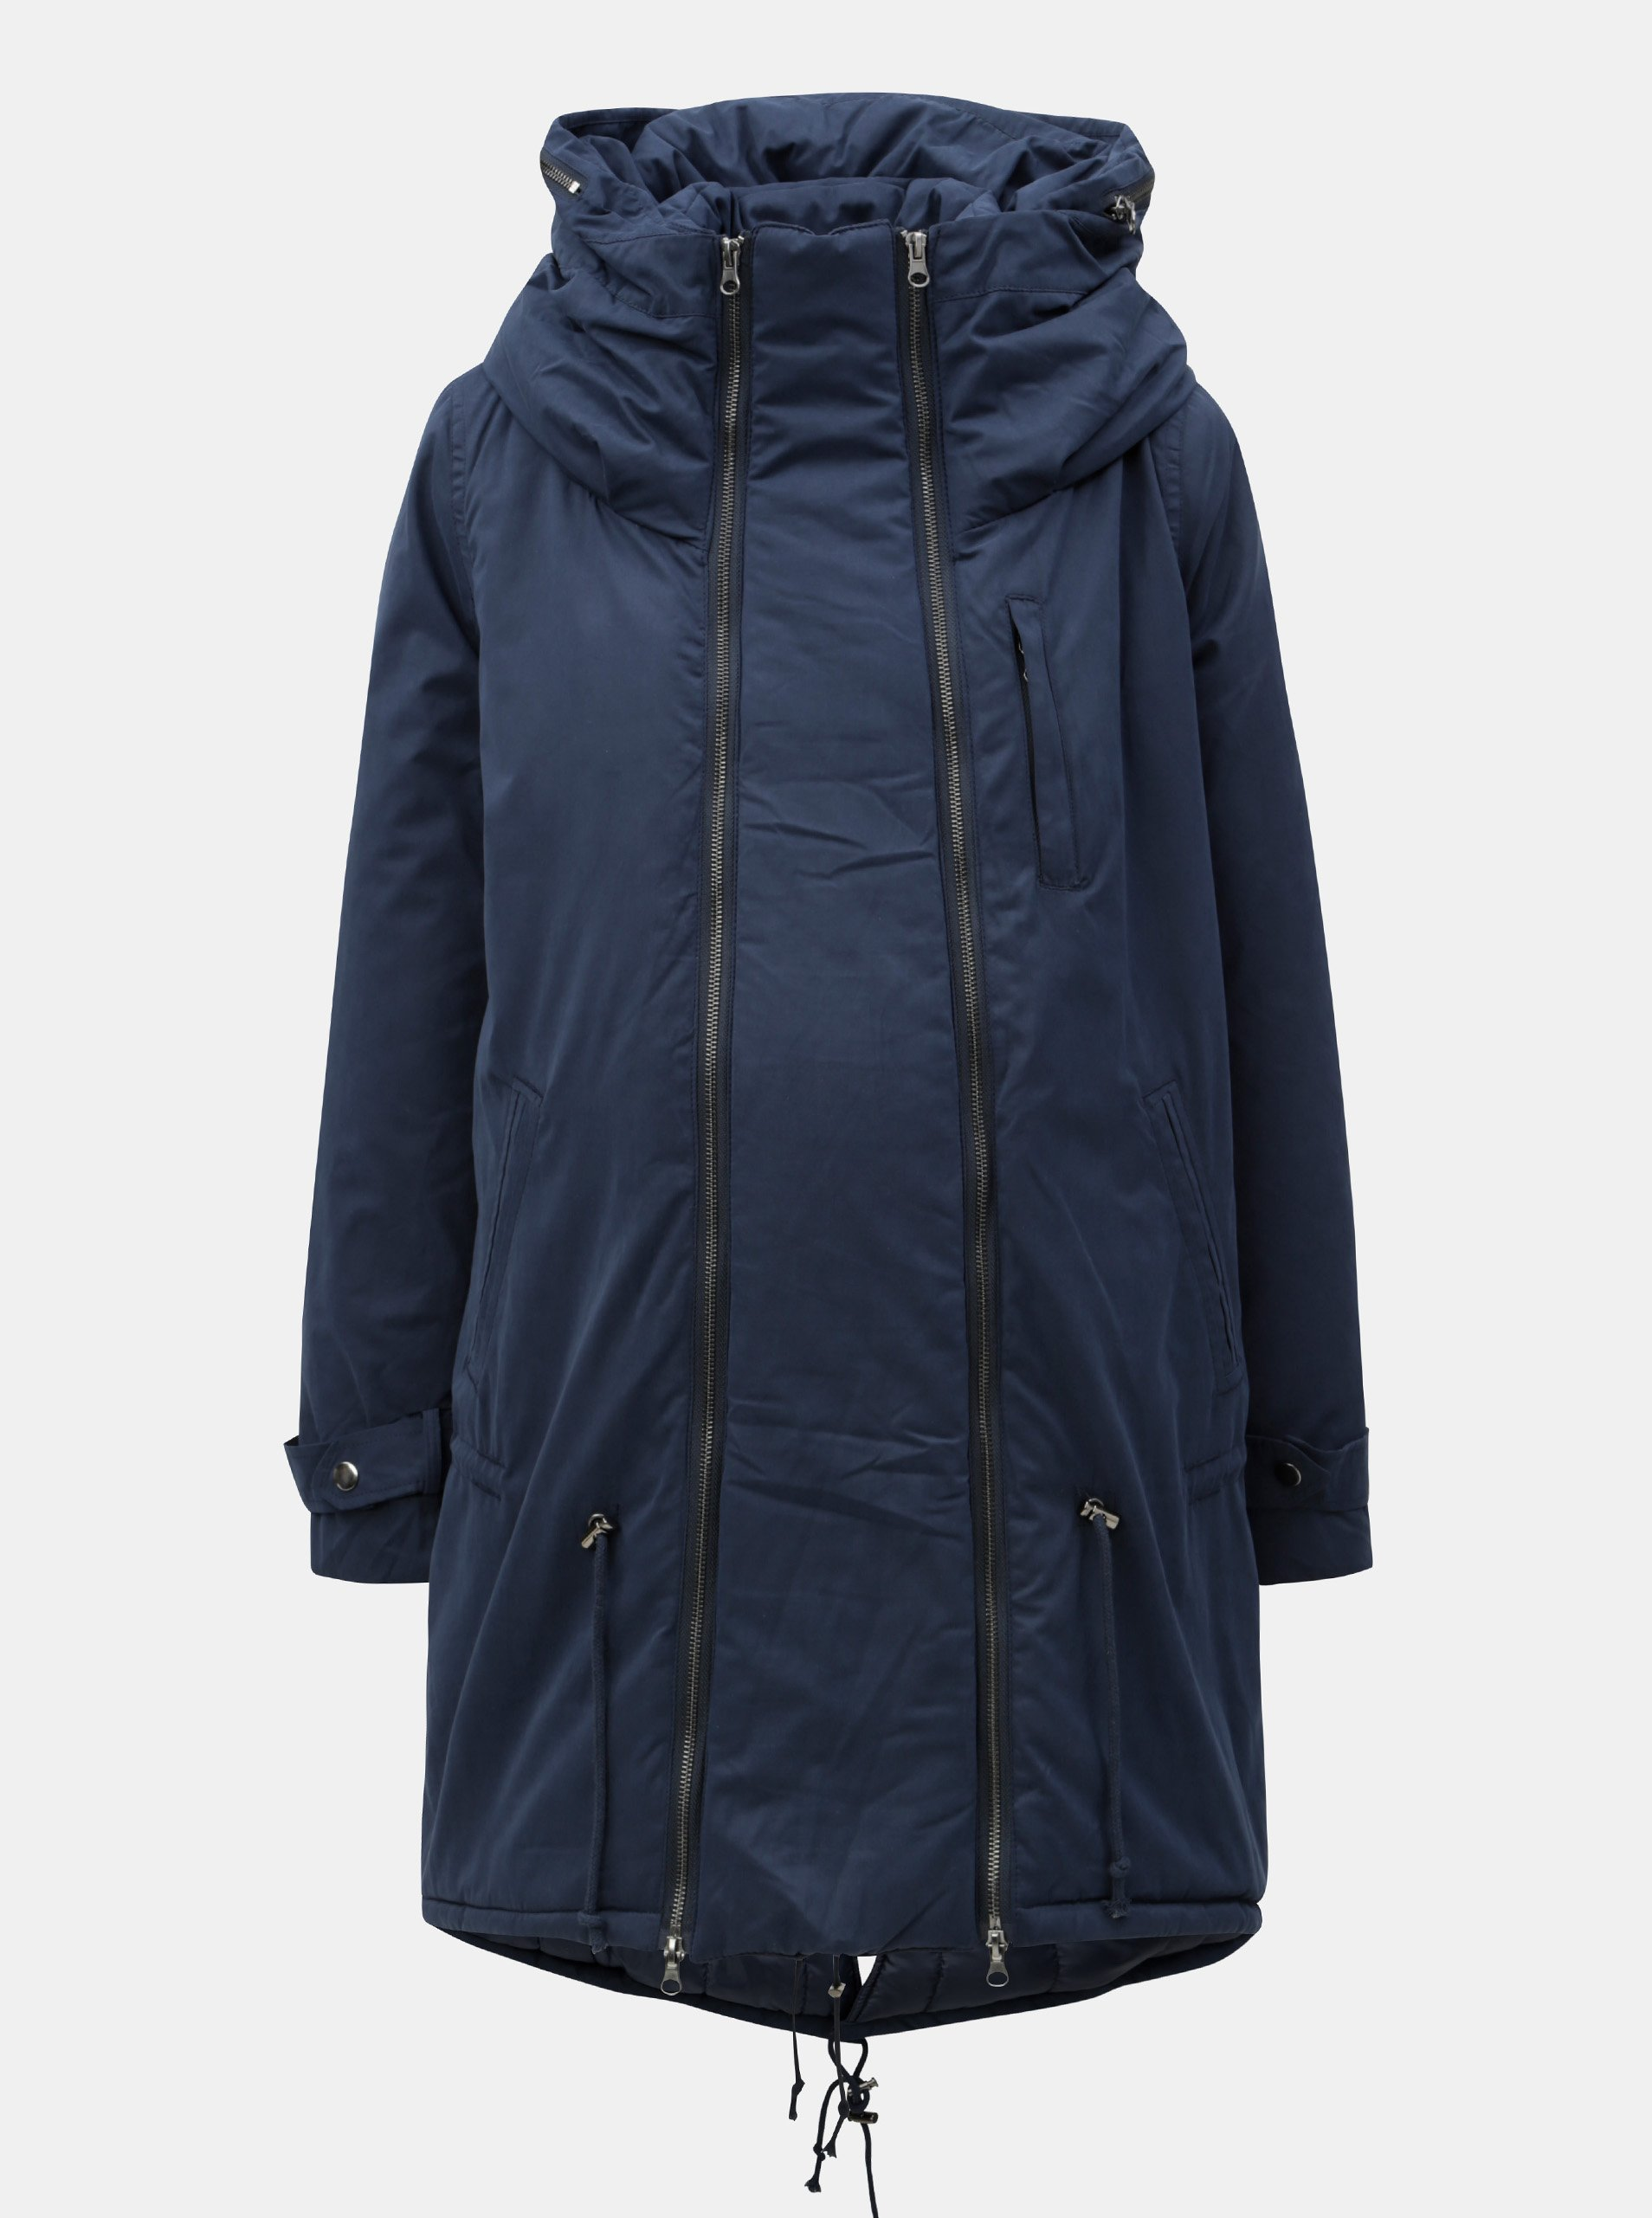 Modrá těhotenská/nosící parka s kapucí Mama.licious